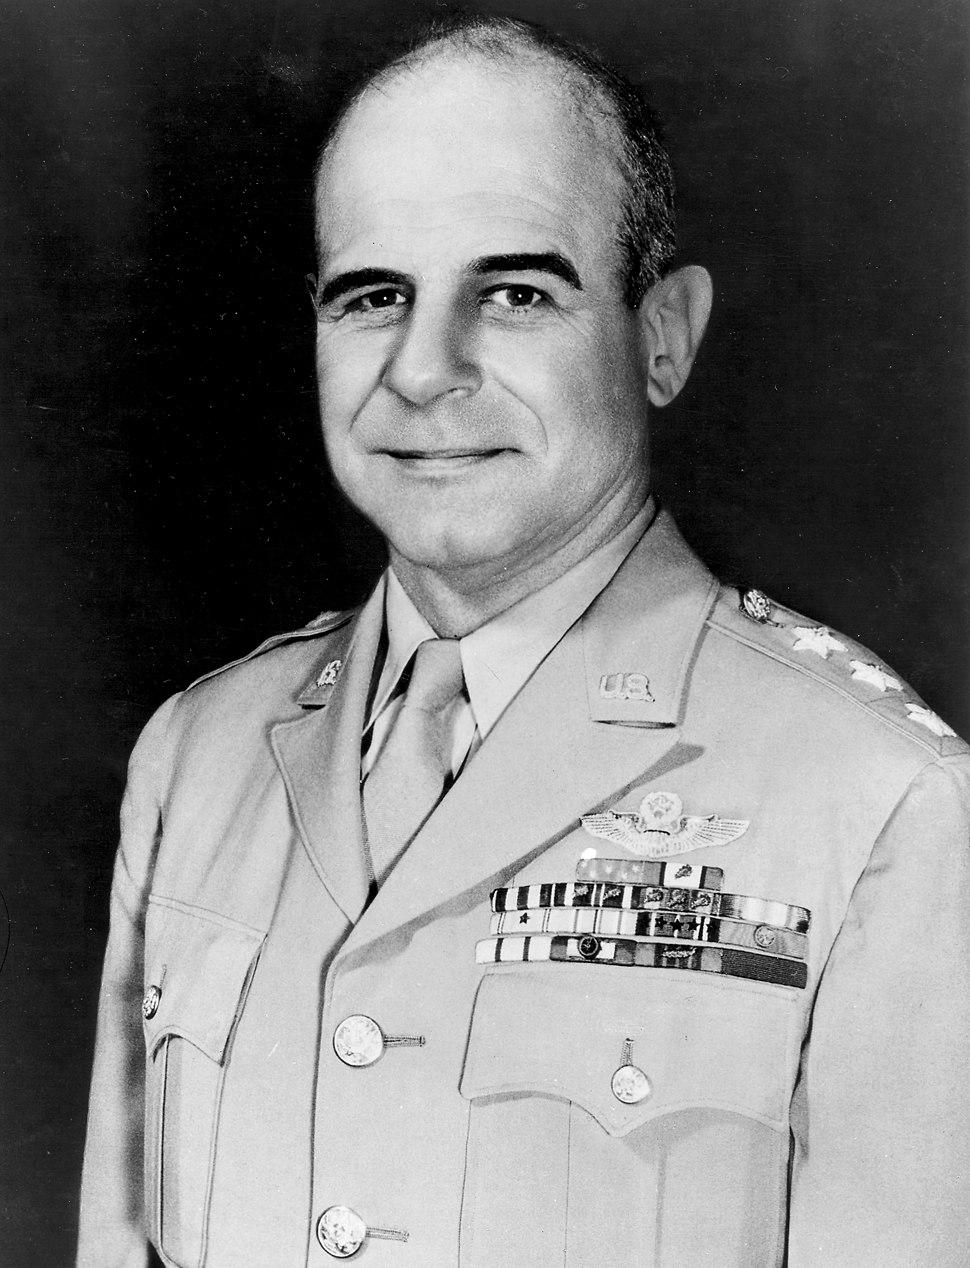 Lt. General James Doolittle, head and shoulders